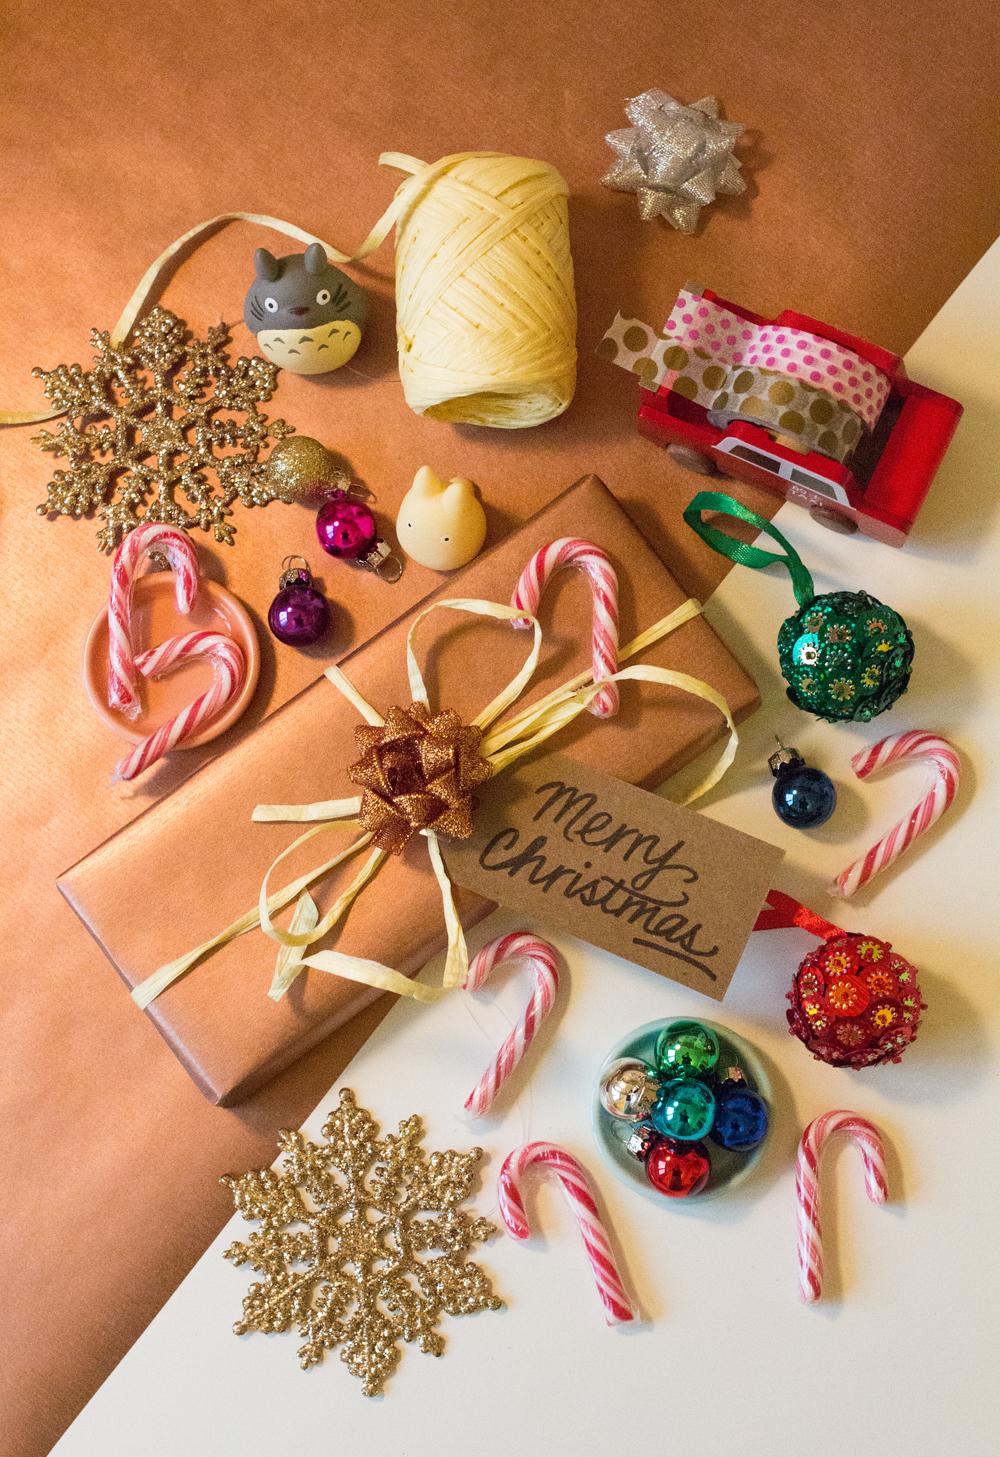 merry christmas image 1000